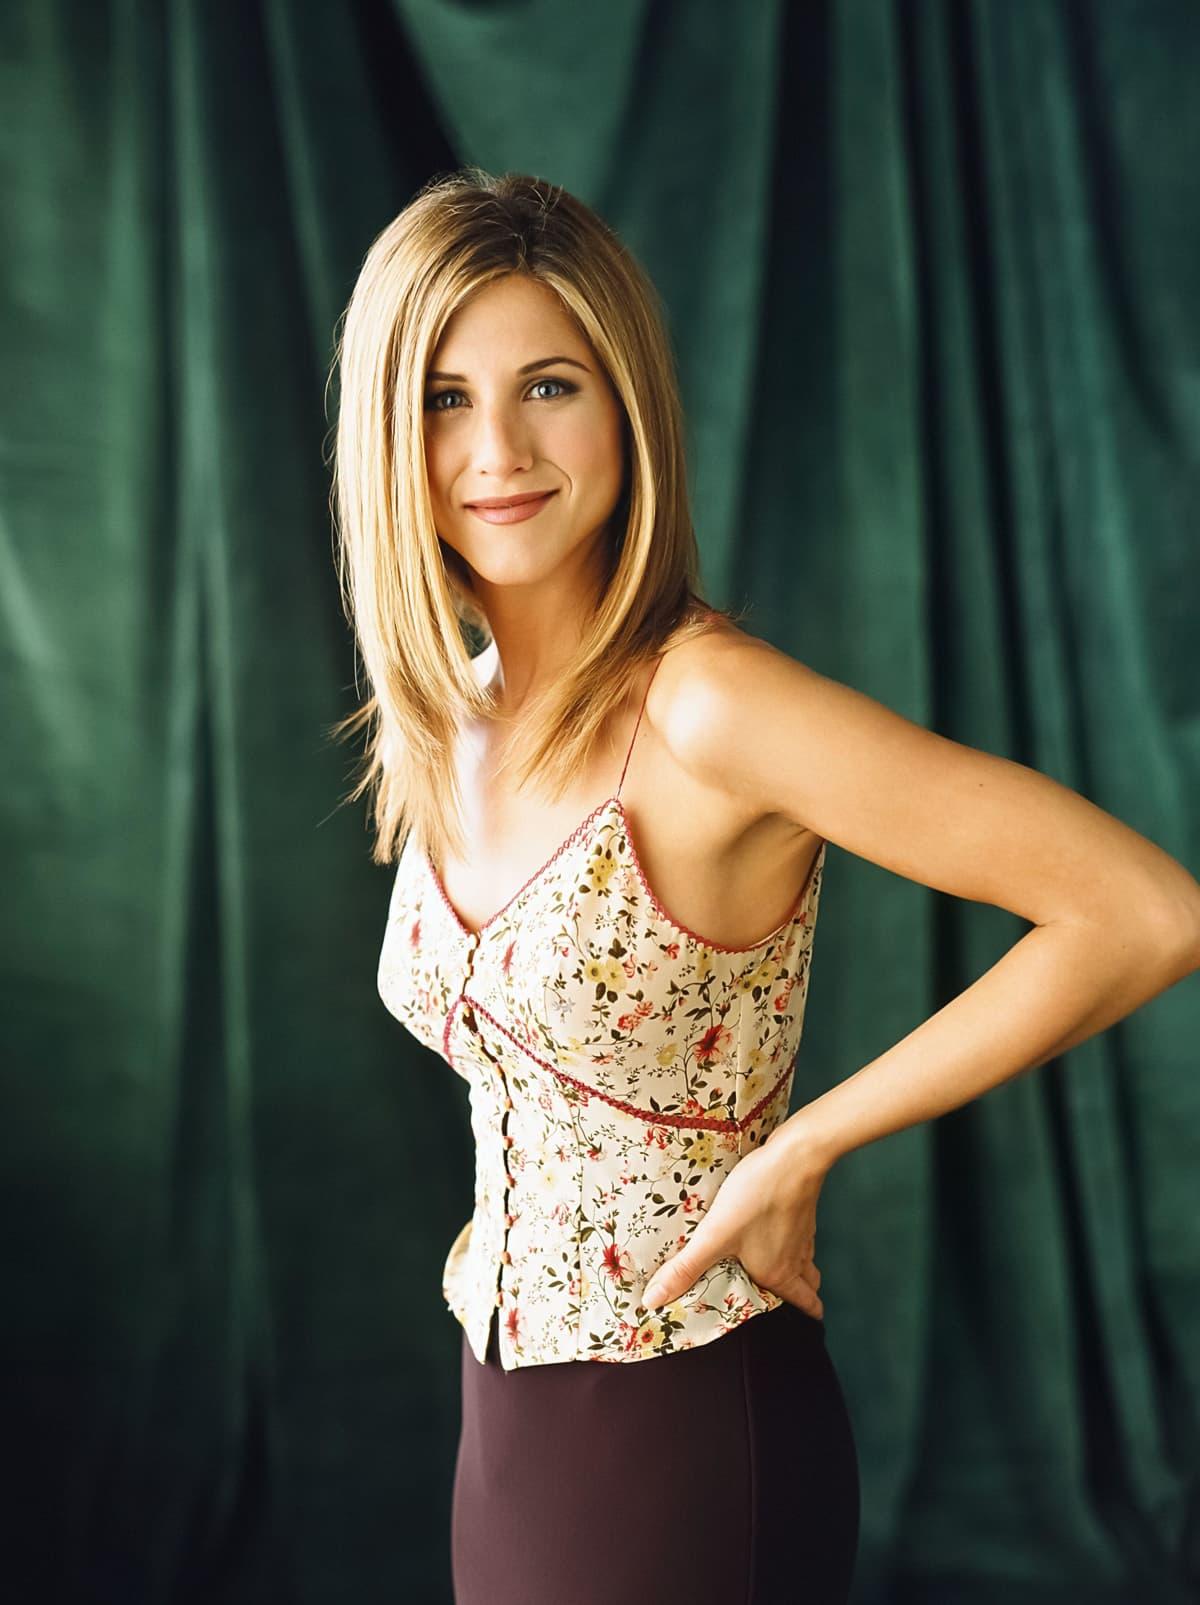 Jennifer Aniston poseeraa kameralle roolihahmonsa Rachel Greenin vaatteissa vihreää kangasta vasten.